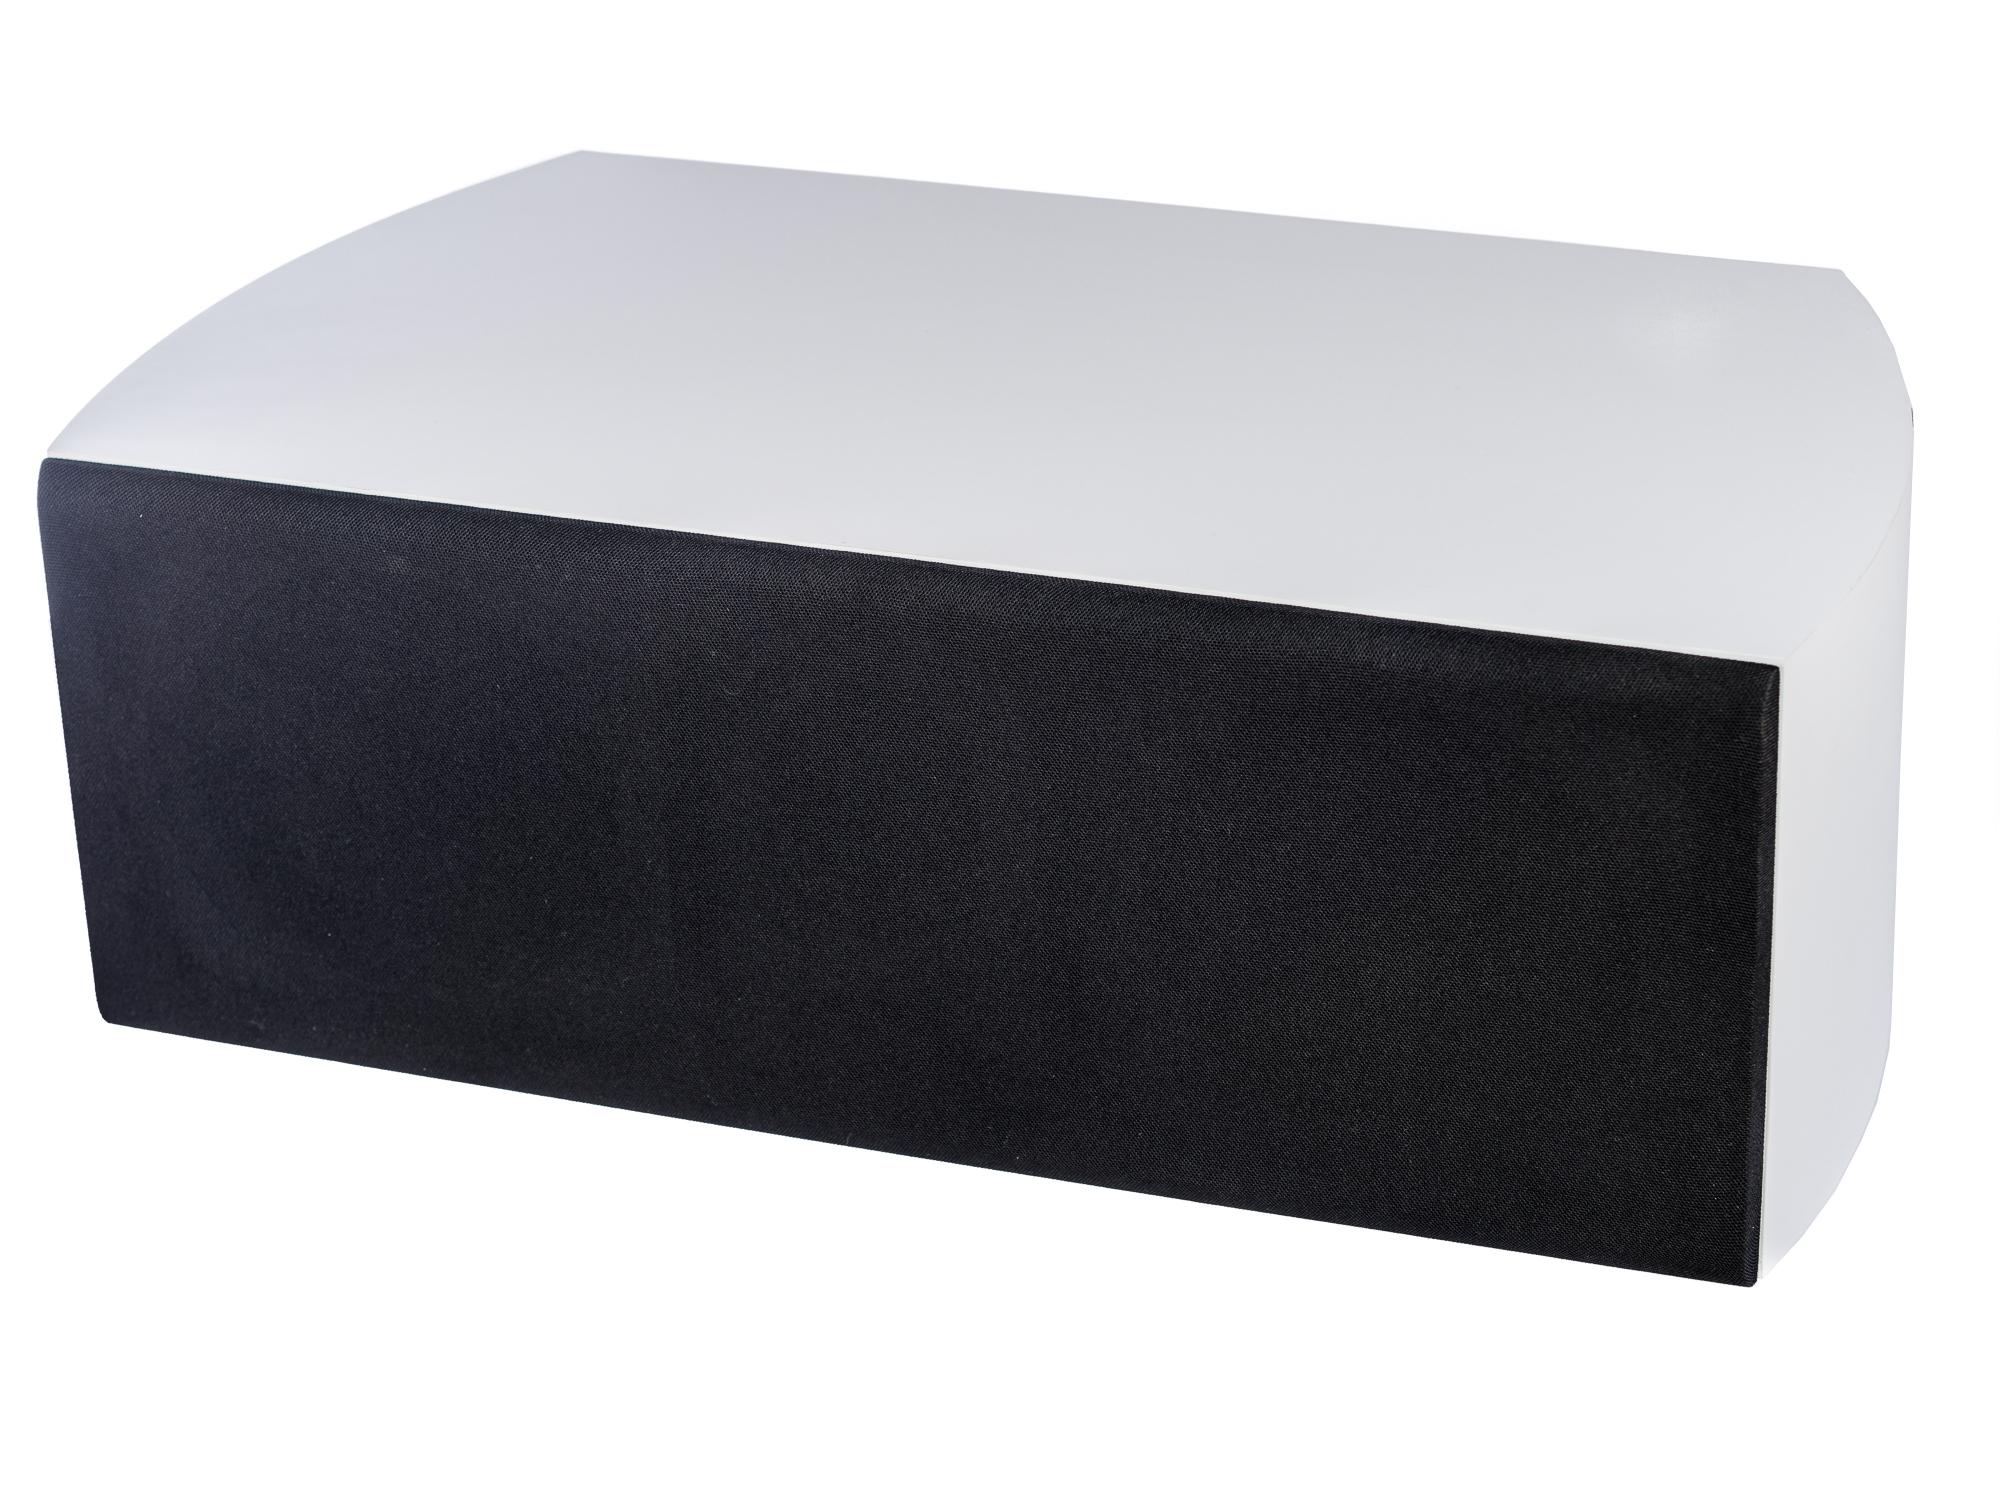 PG Audio Center Lautsprecher einsetzbar zur Heco Victa 101,Prime 102,weiß,Neu – Bild 3